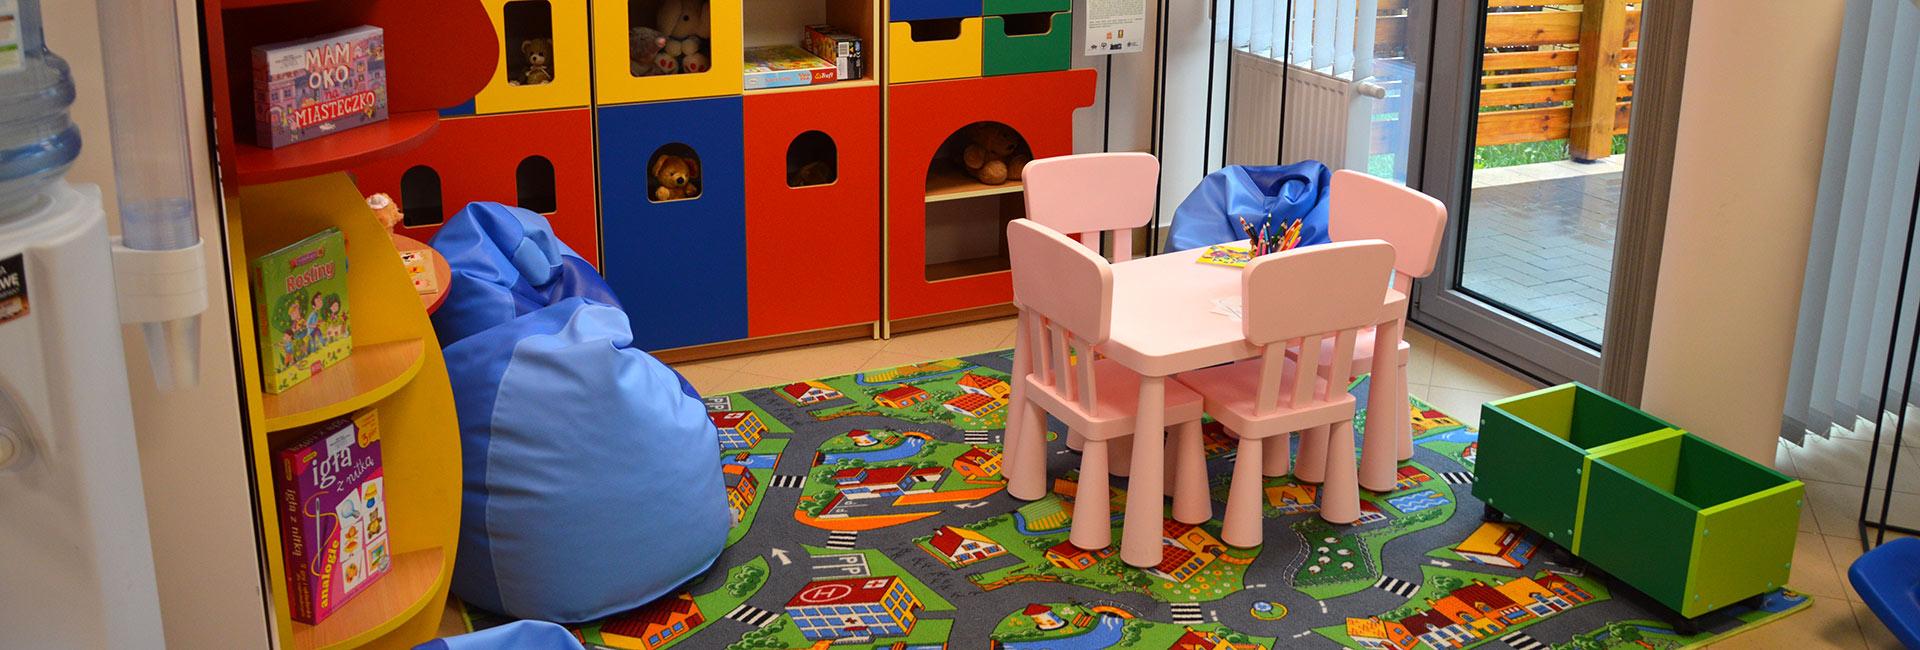 zdjęcie wnętrza biblioteki, pokój dla dzieci